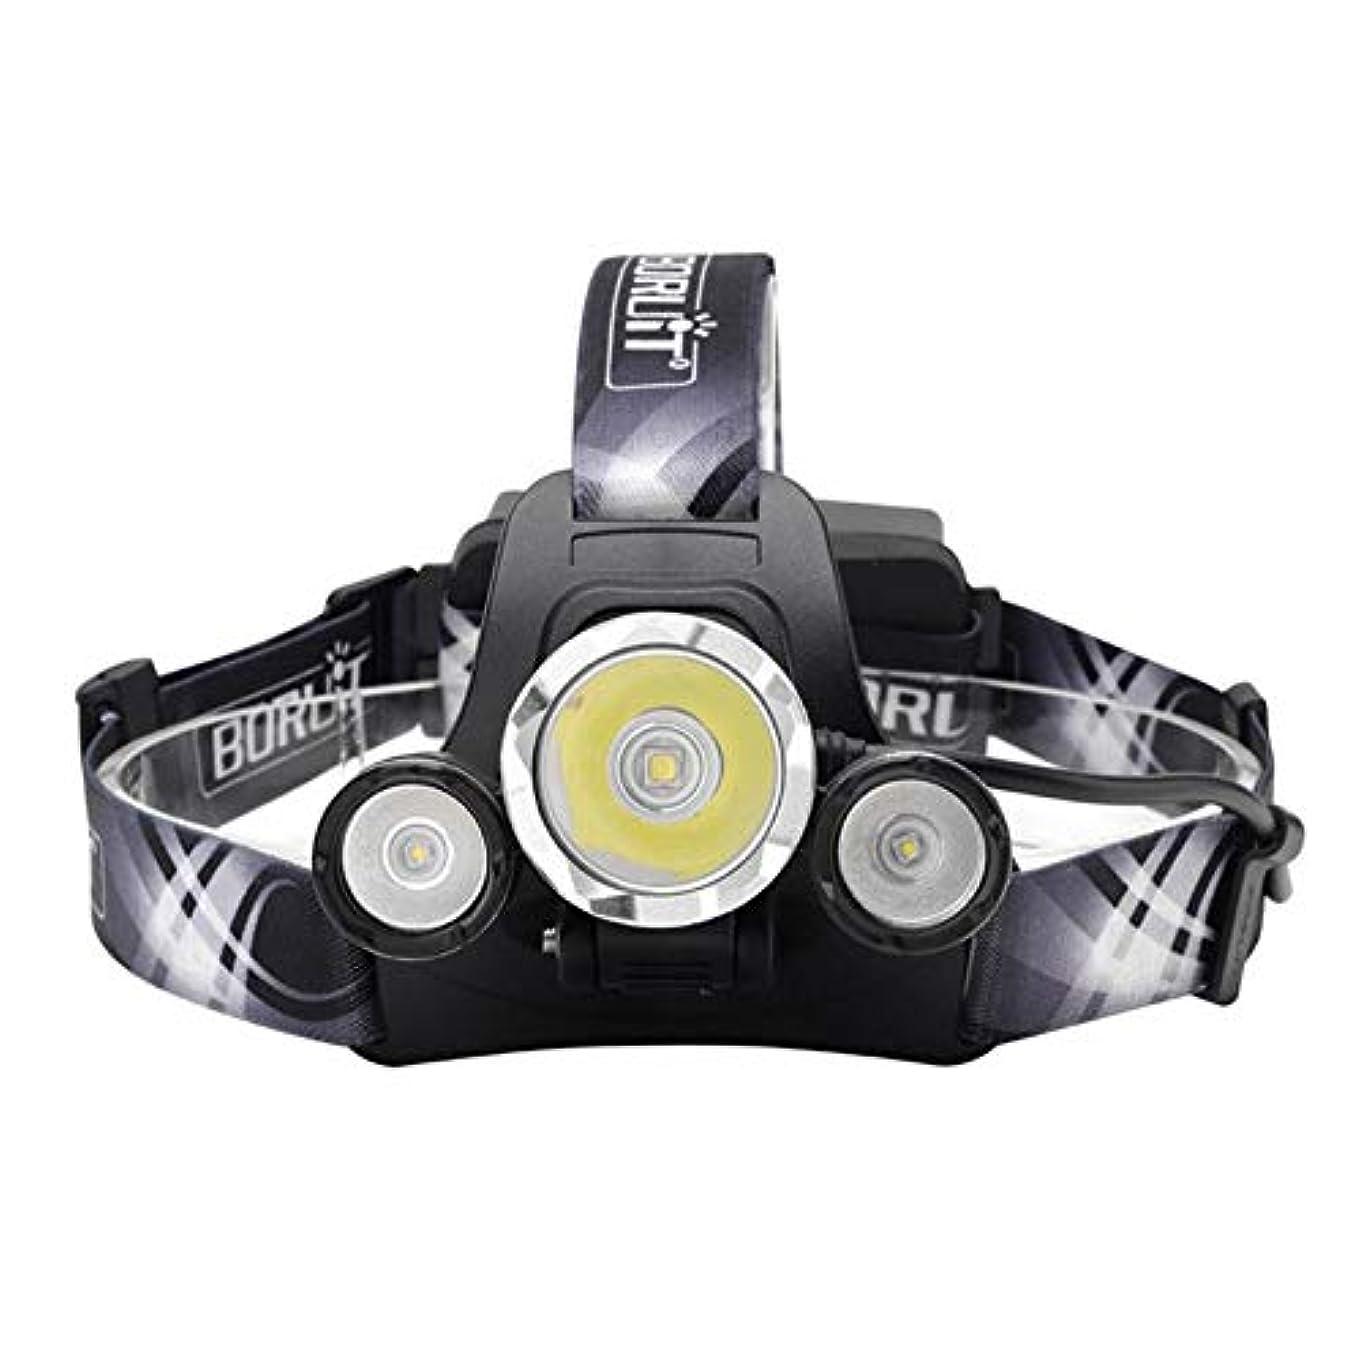 明確な飲料キャンセル3LEDヘッドランプハイパワースーパーブライトヘッドライト充電式バッテリーキャンプハイキング釣りランニングサイクリング読書、USBヘッドランプヘッドライト5000ルーメン